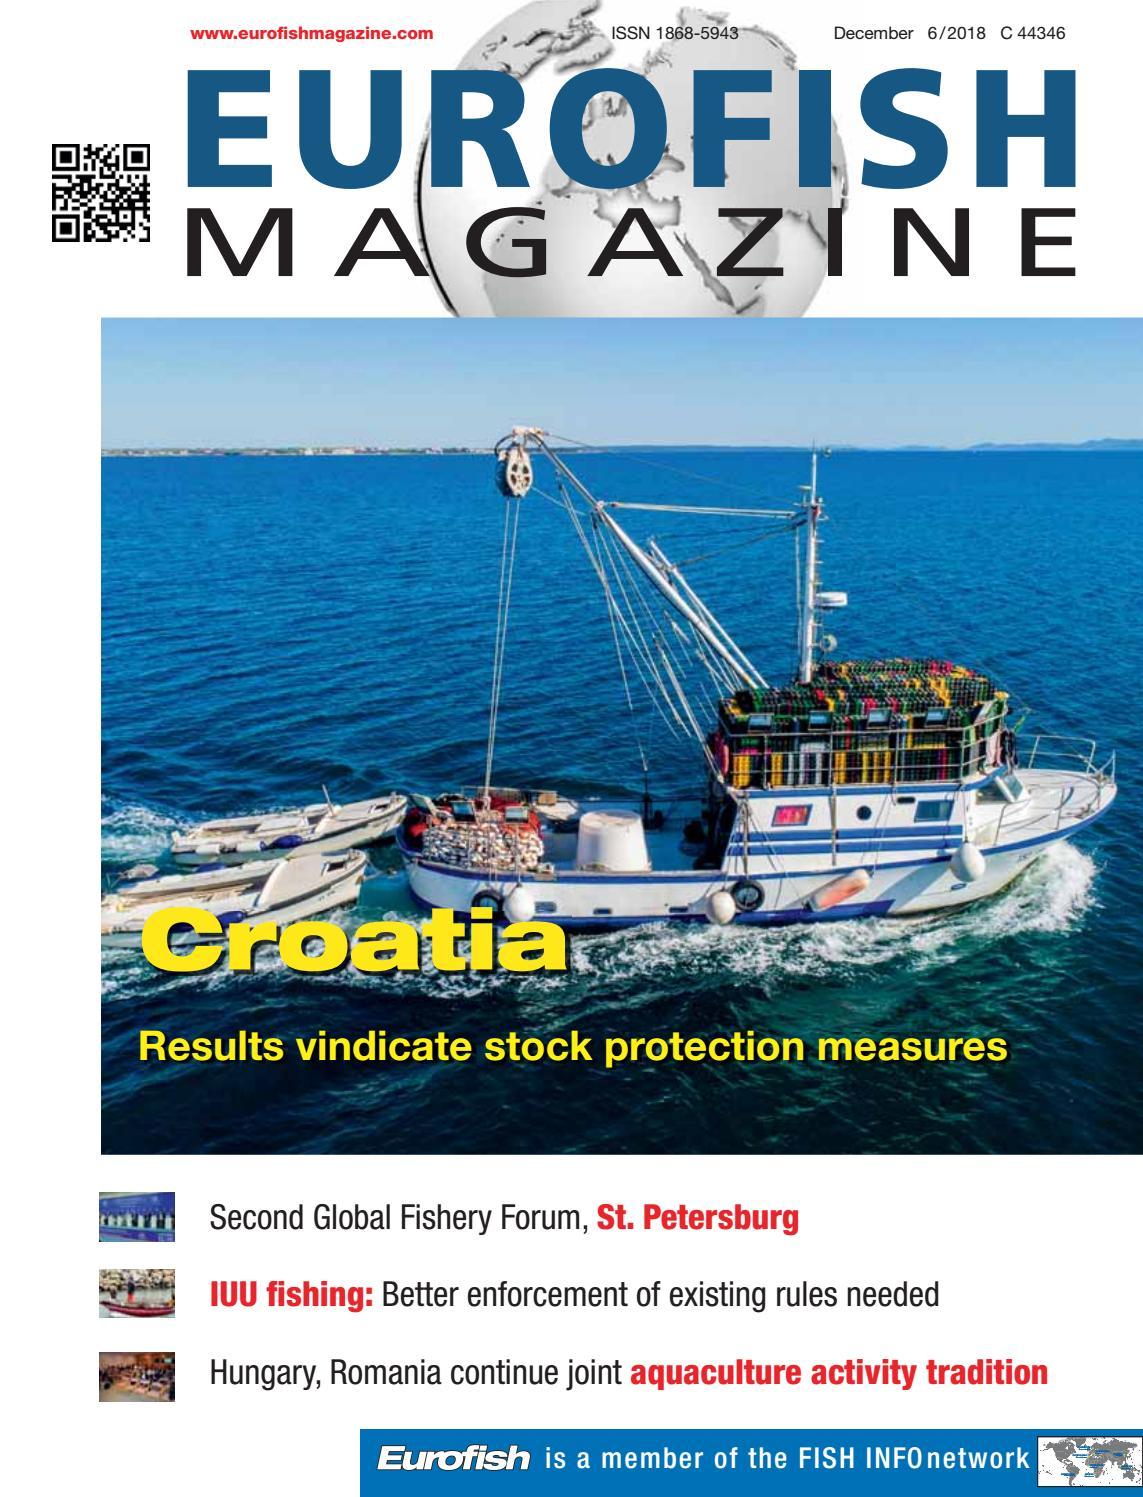 Eurofish Magazine 6 2018 by Eurofish - issuu